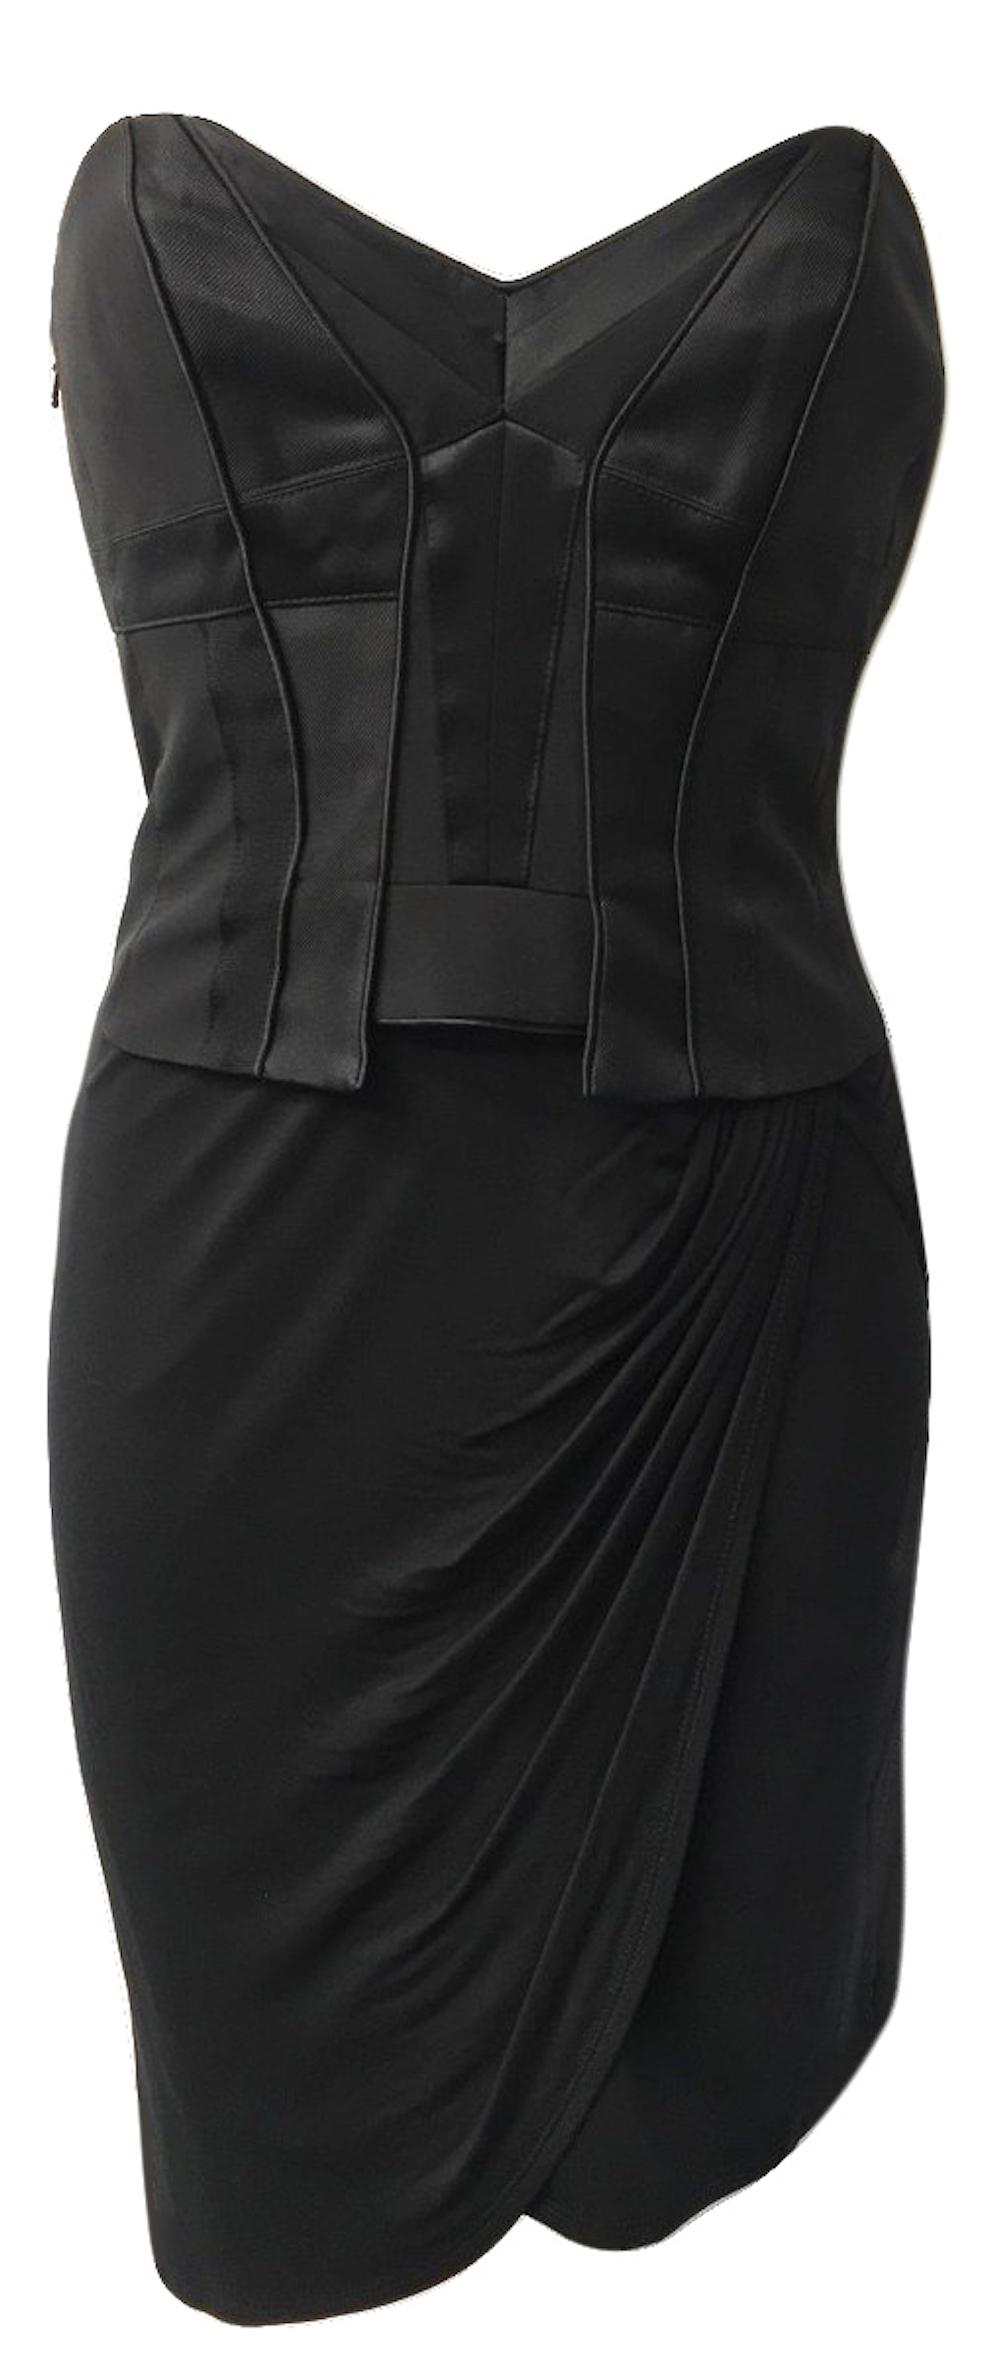 d77ac3a5f40 Karen Millen Jersey Draped Corset Dress Black ...